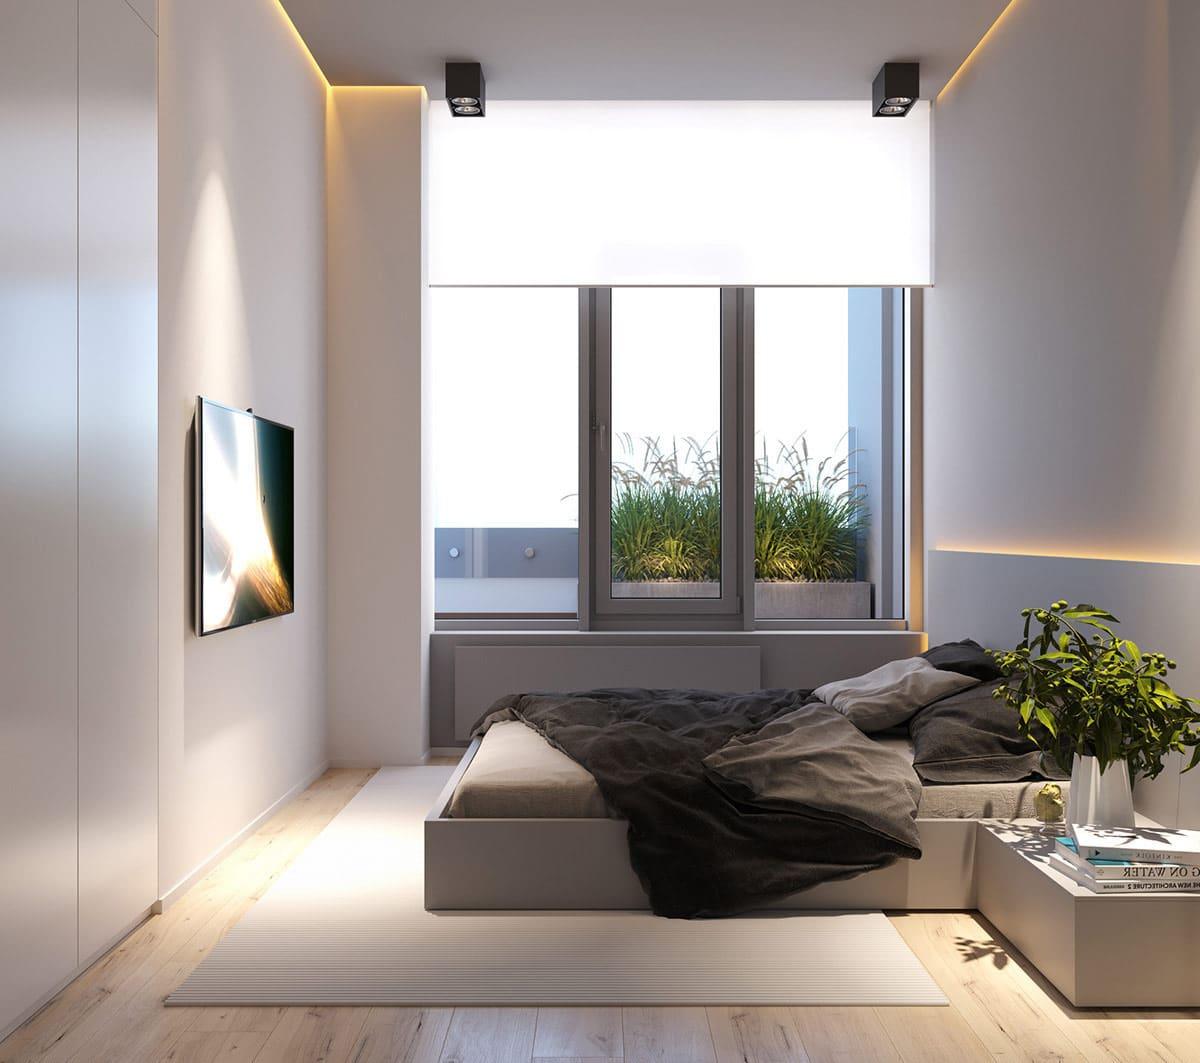 Скрытая светодиодная подсветка в спальне отлично сочетается со стилем минимализм